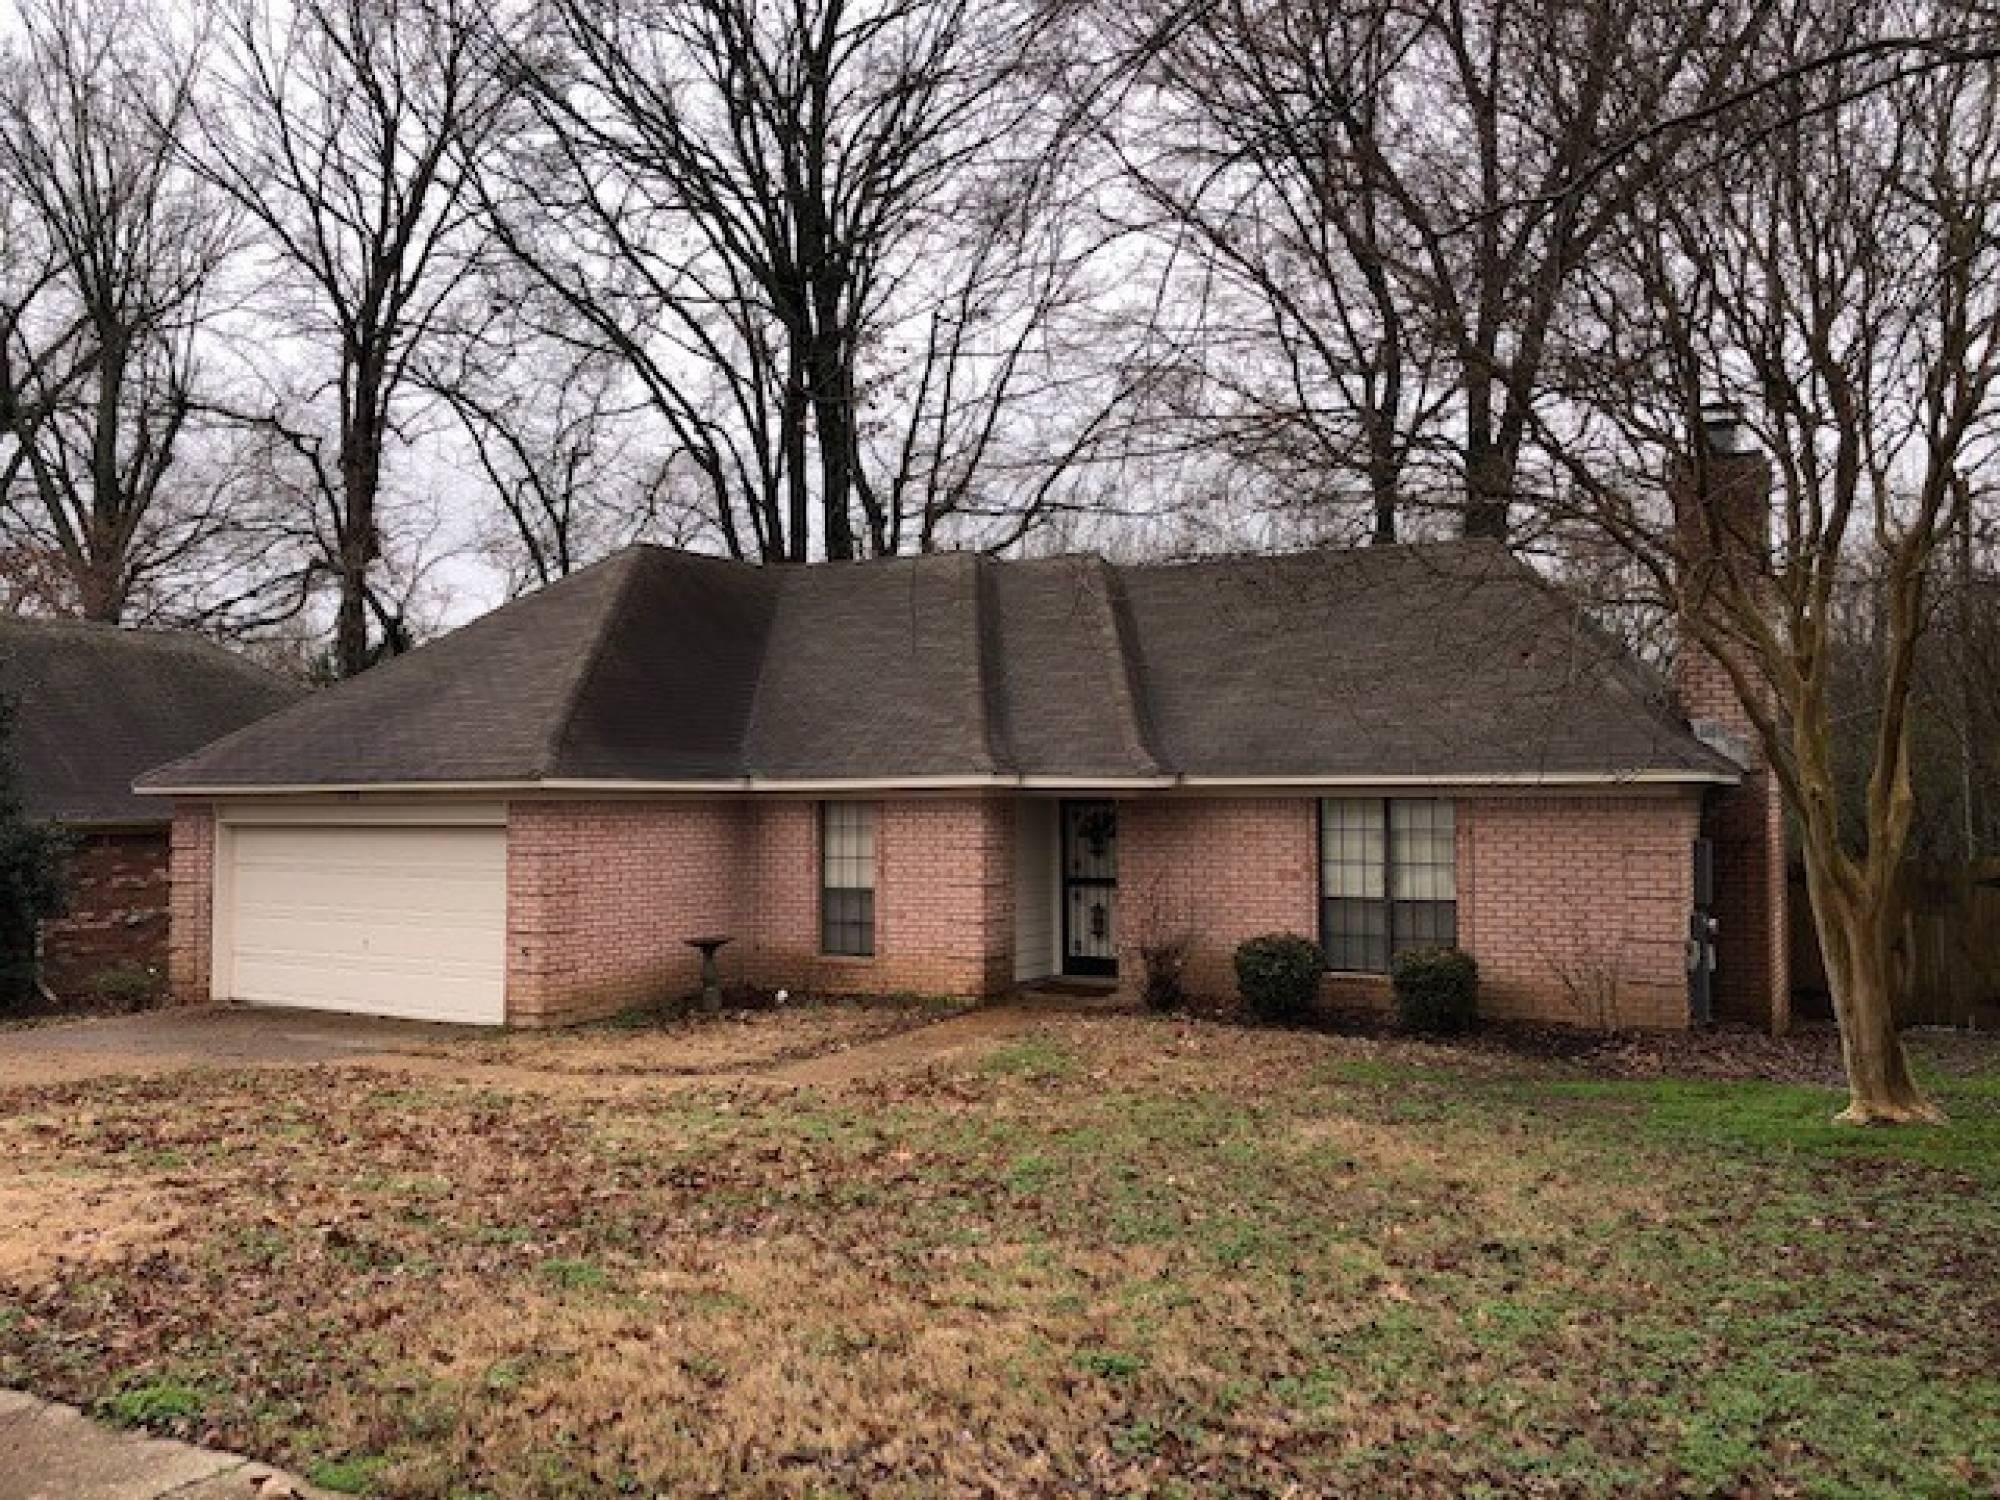 1173 Harpeth Dr. Memphis TN 38134